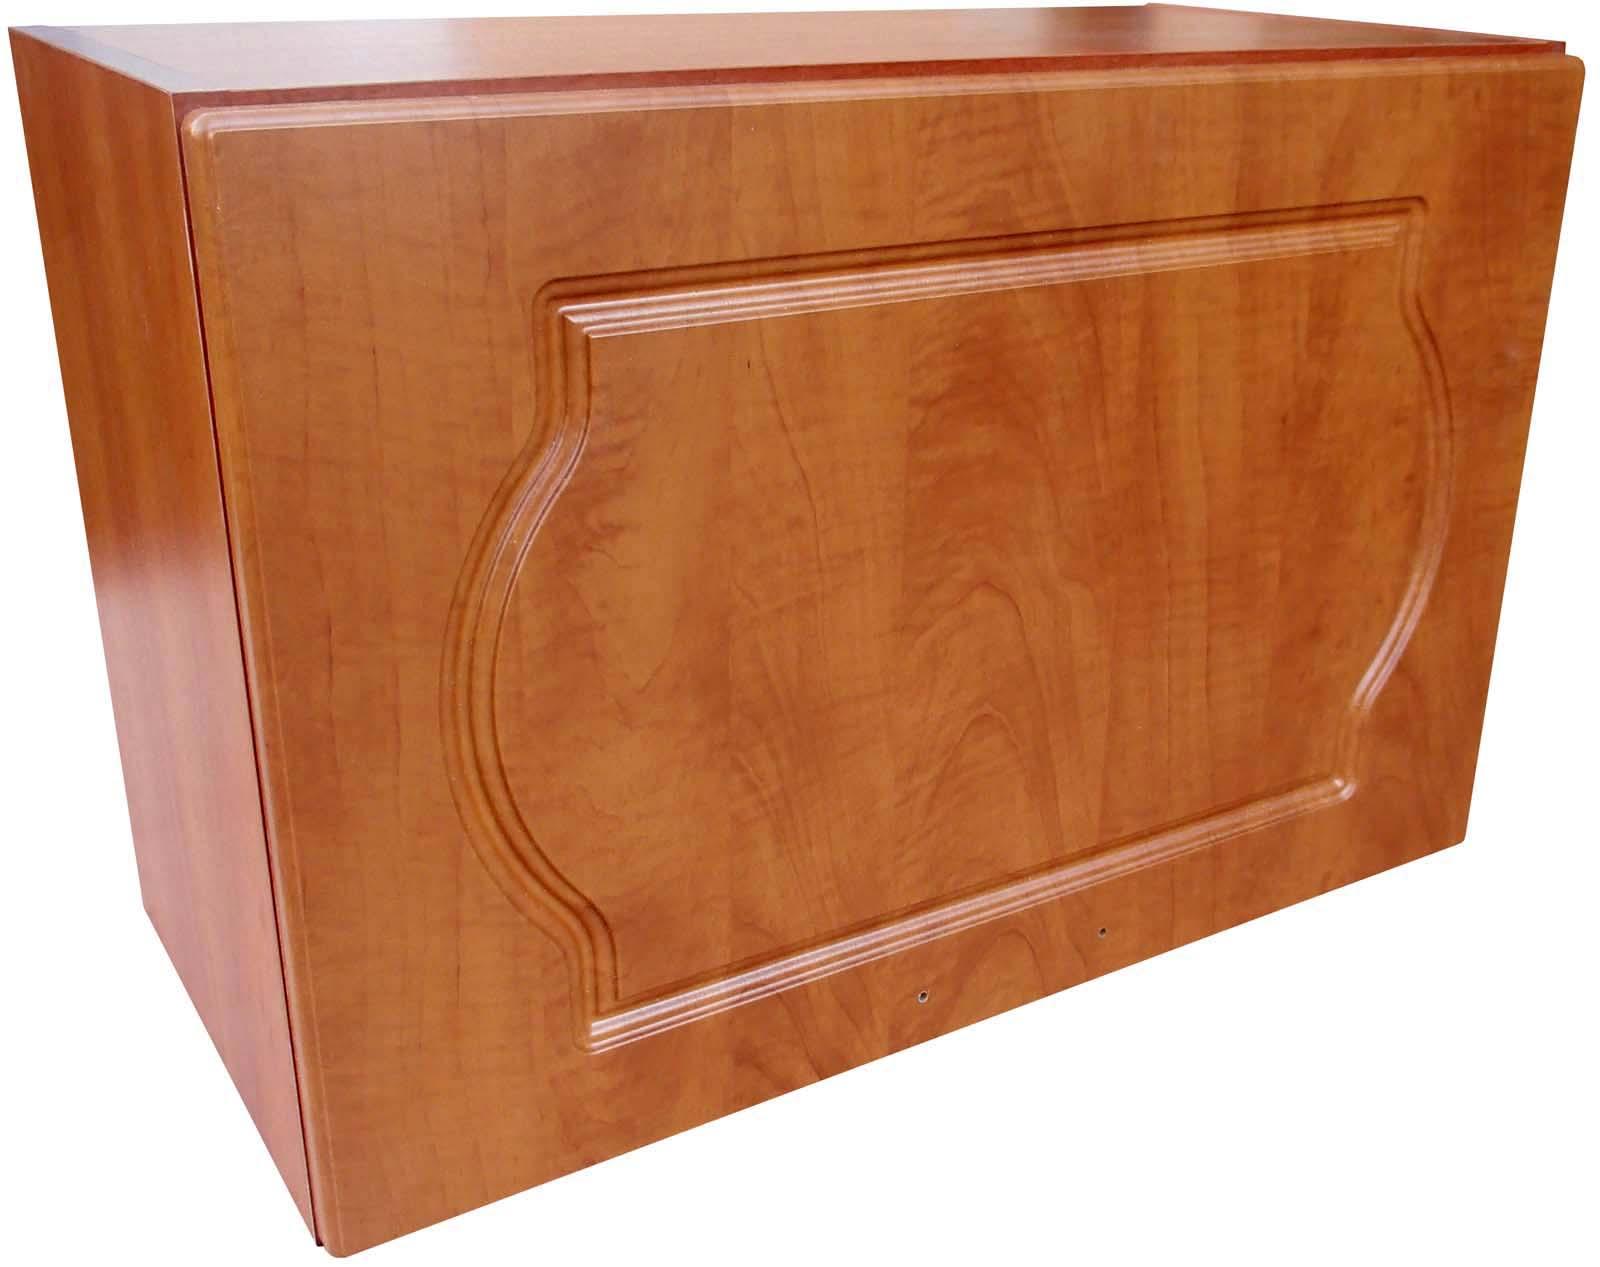 Výklopná kuchyňská skříňka 60 cm kalvádos